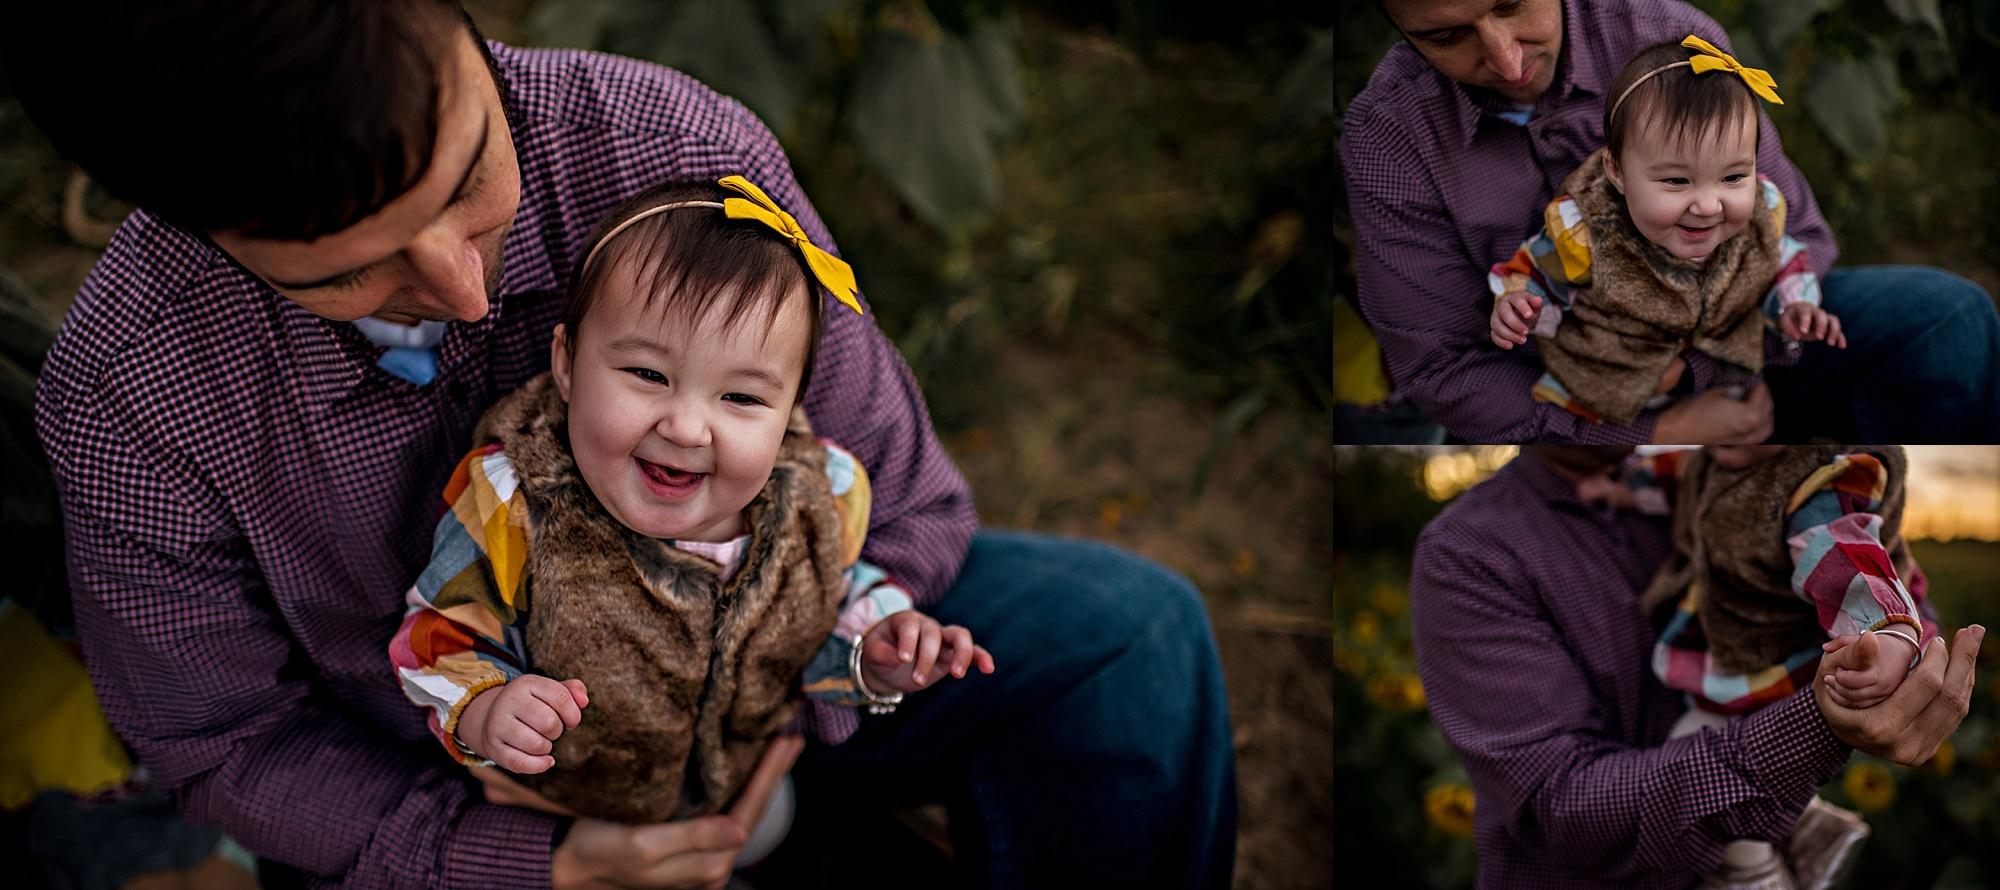 Turner-family-akron-ohio-photographer-lauren-grayson-sunflower-field-session_0025.jpg